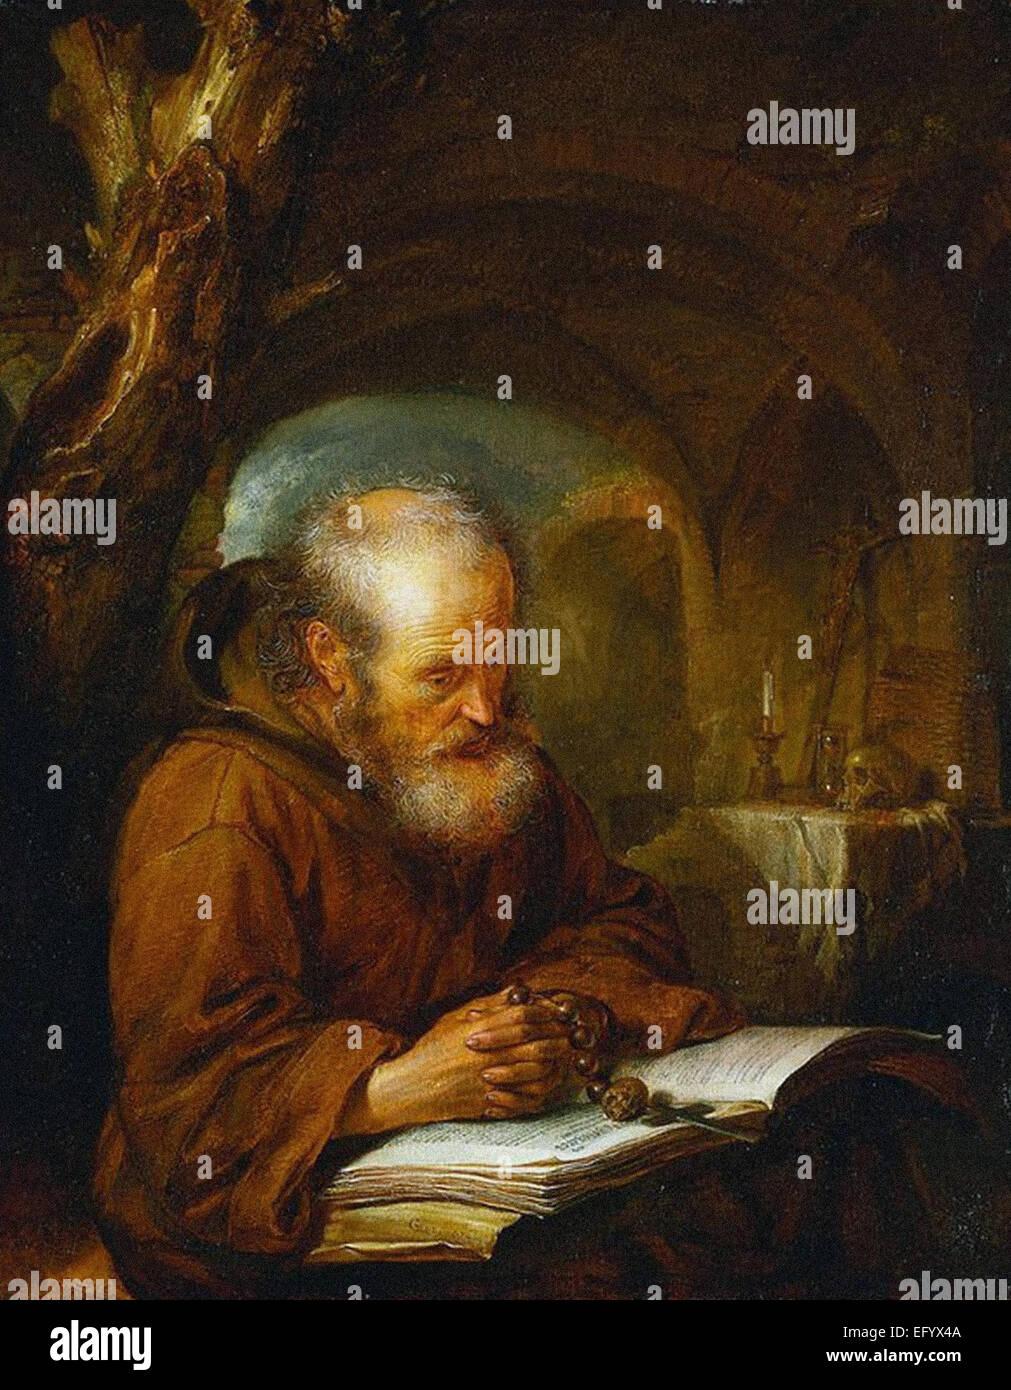 Gerrit Dou  A Hermit Praying - Stock Image